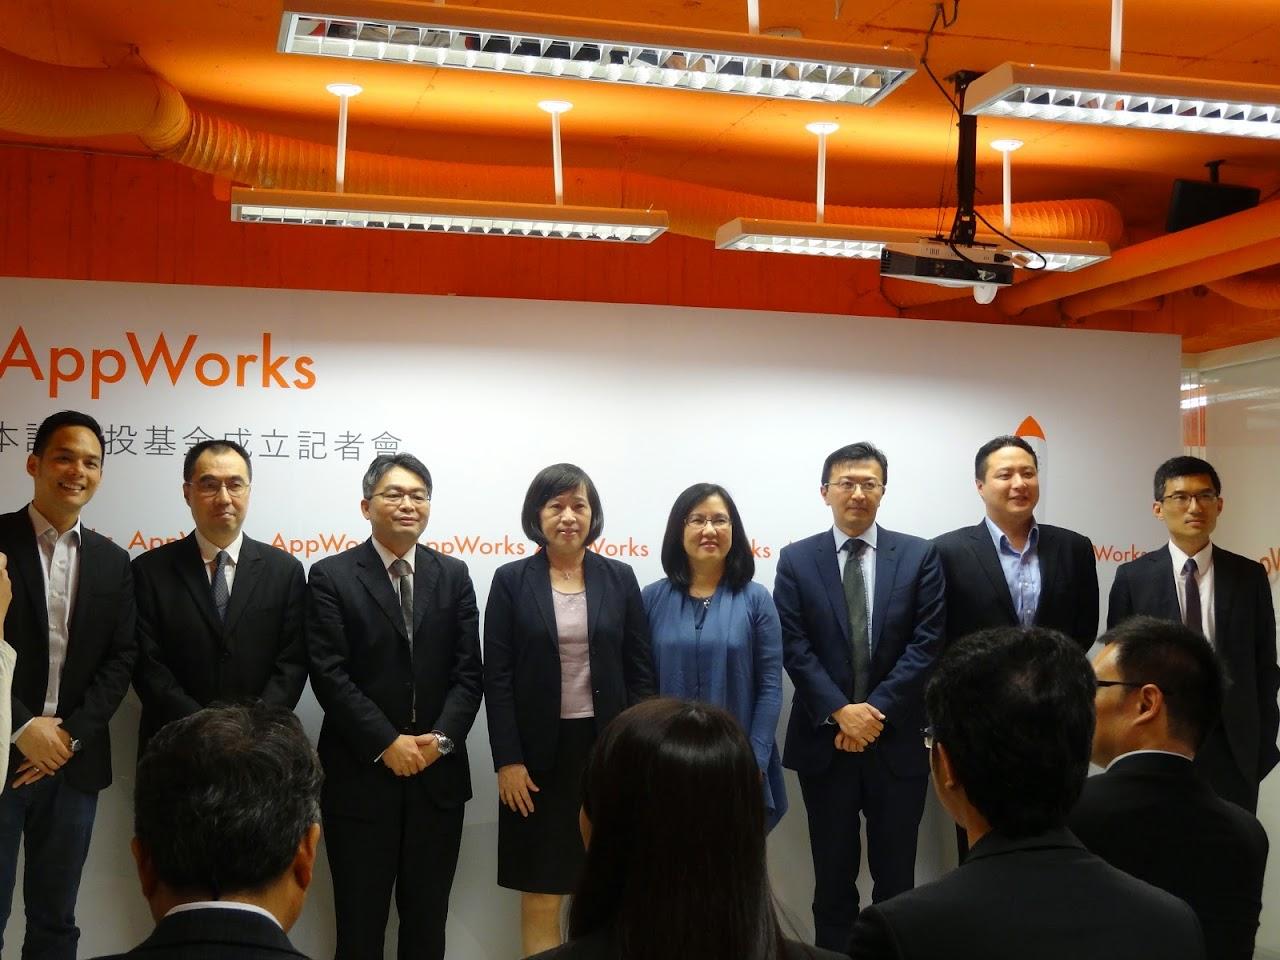 創業投資熱!台灣9大法人募資15億,成立本誠創投基金